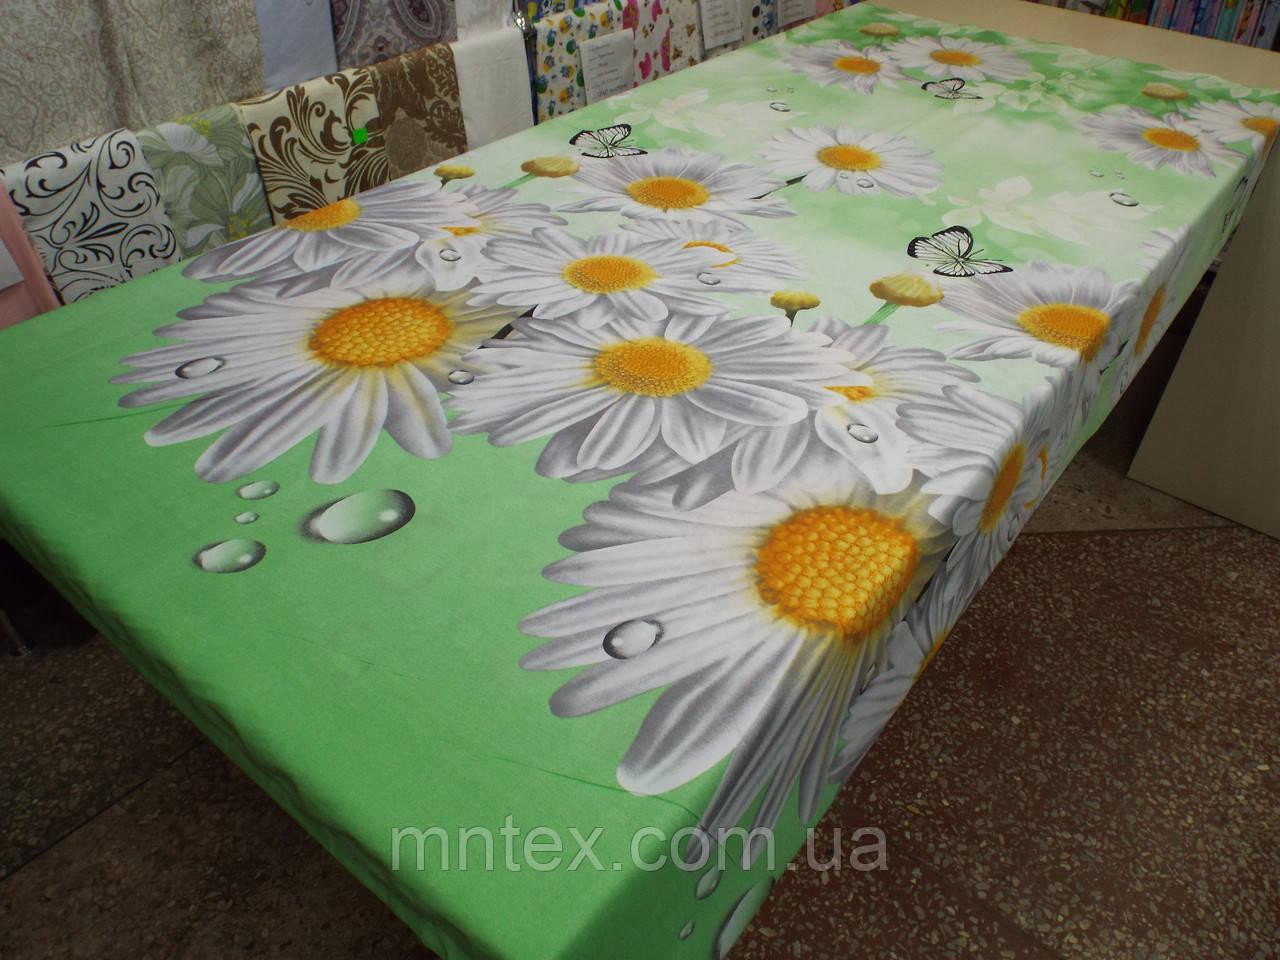 Ткань для пошива постельного белья Ранфорс Ромашки на мятном